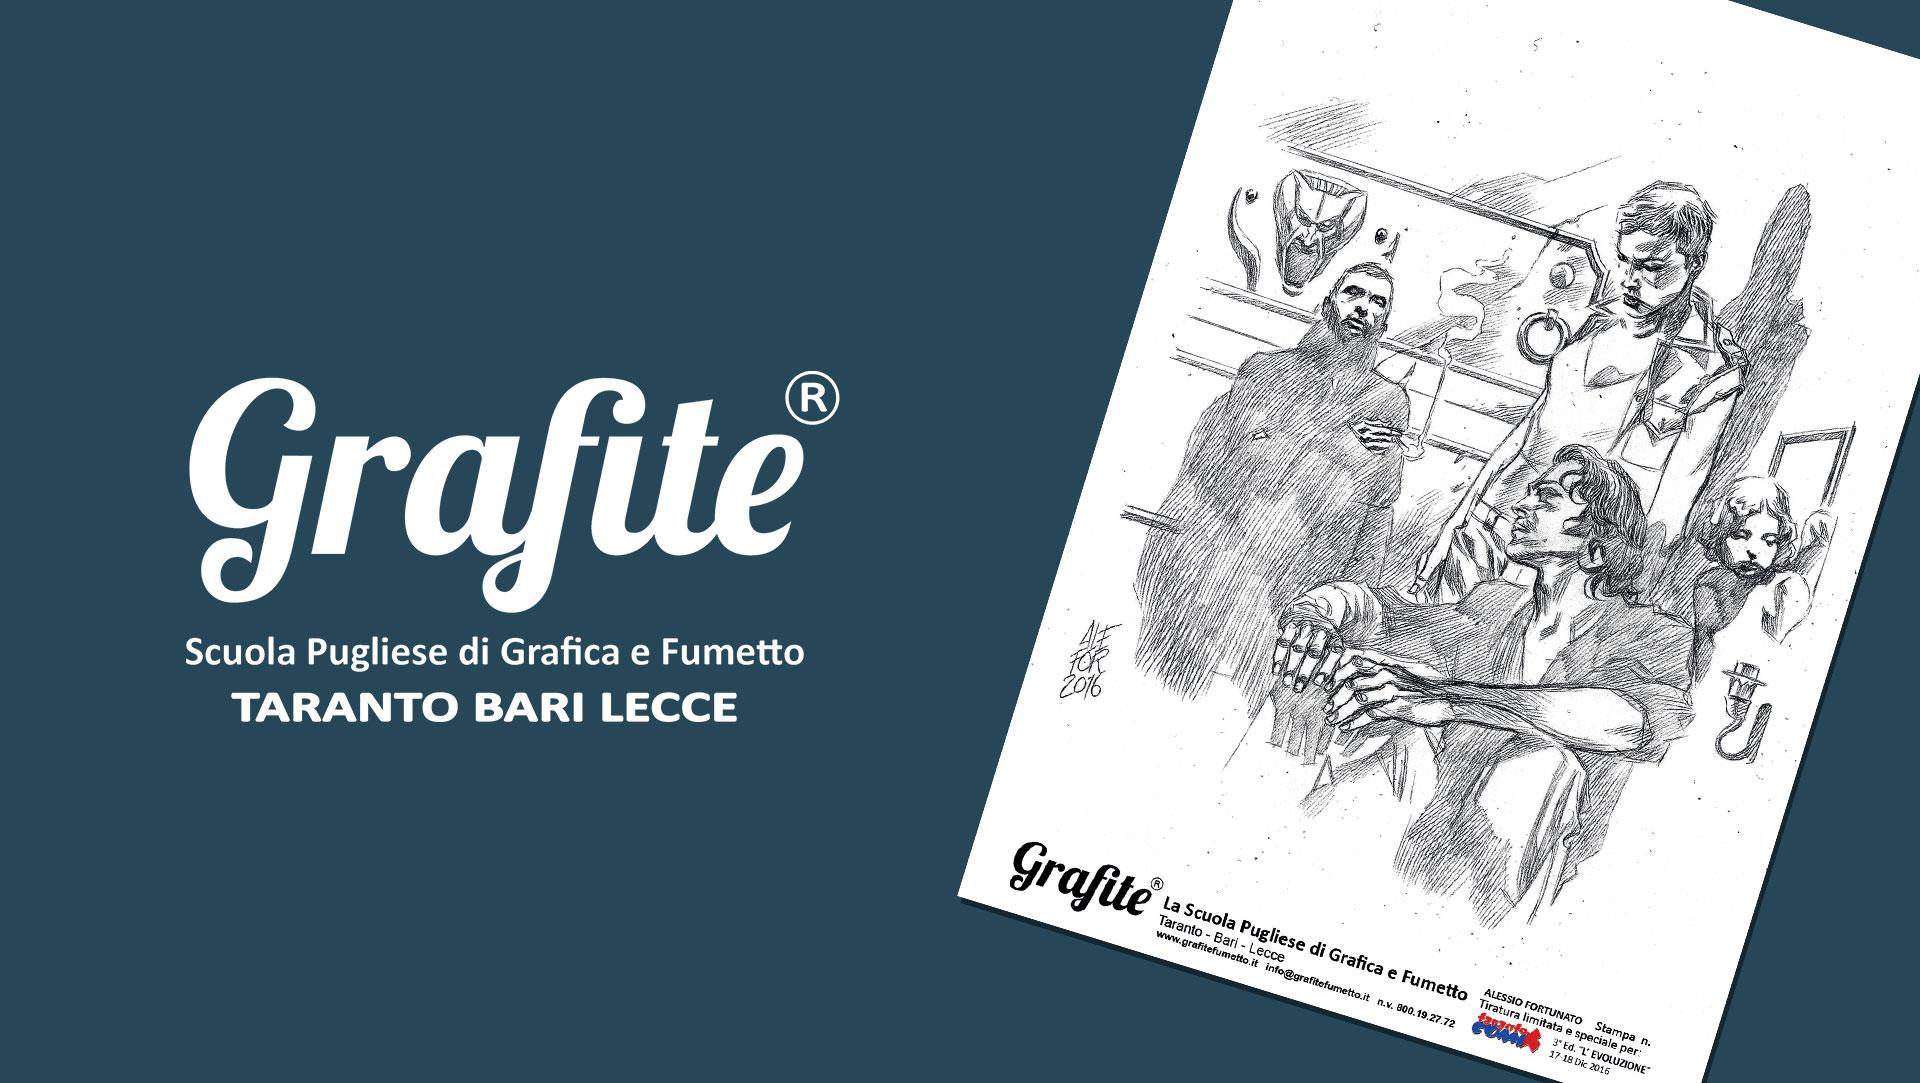 grafite-scuola-grafica-fumetto